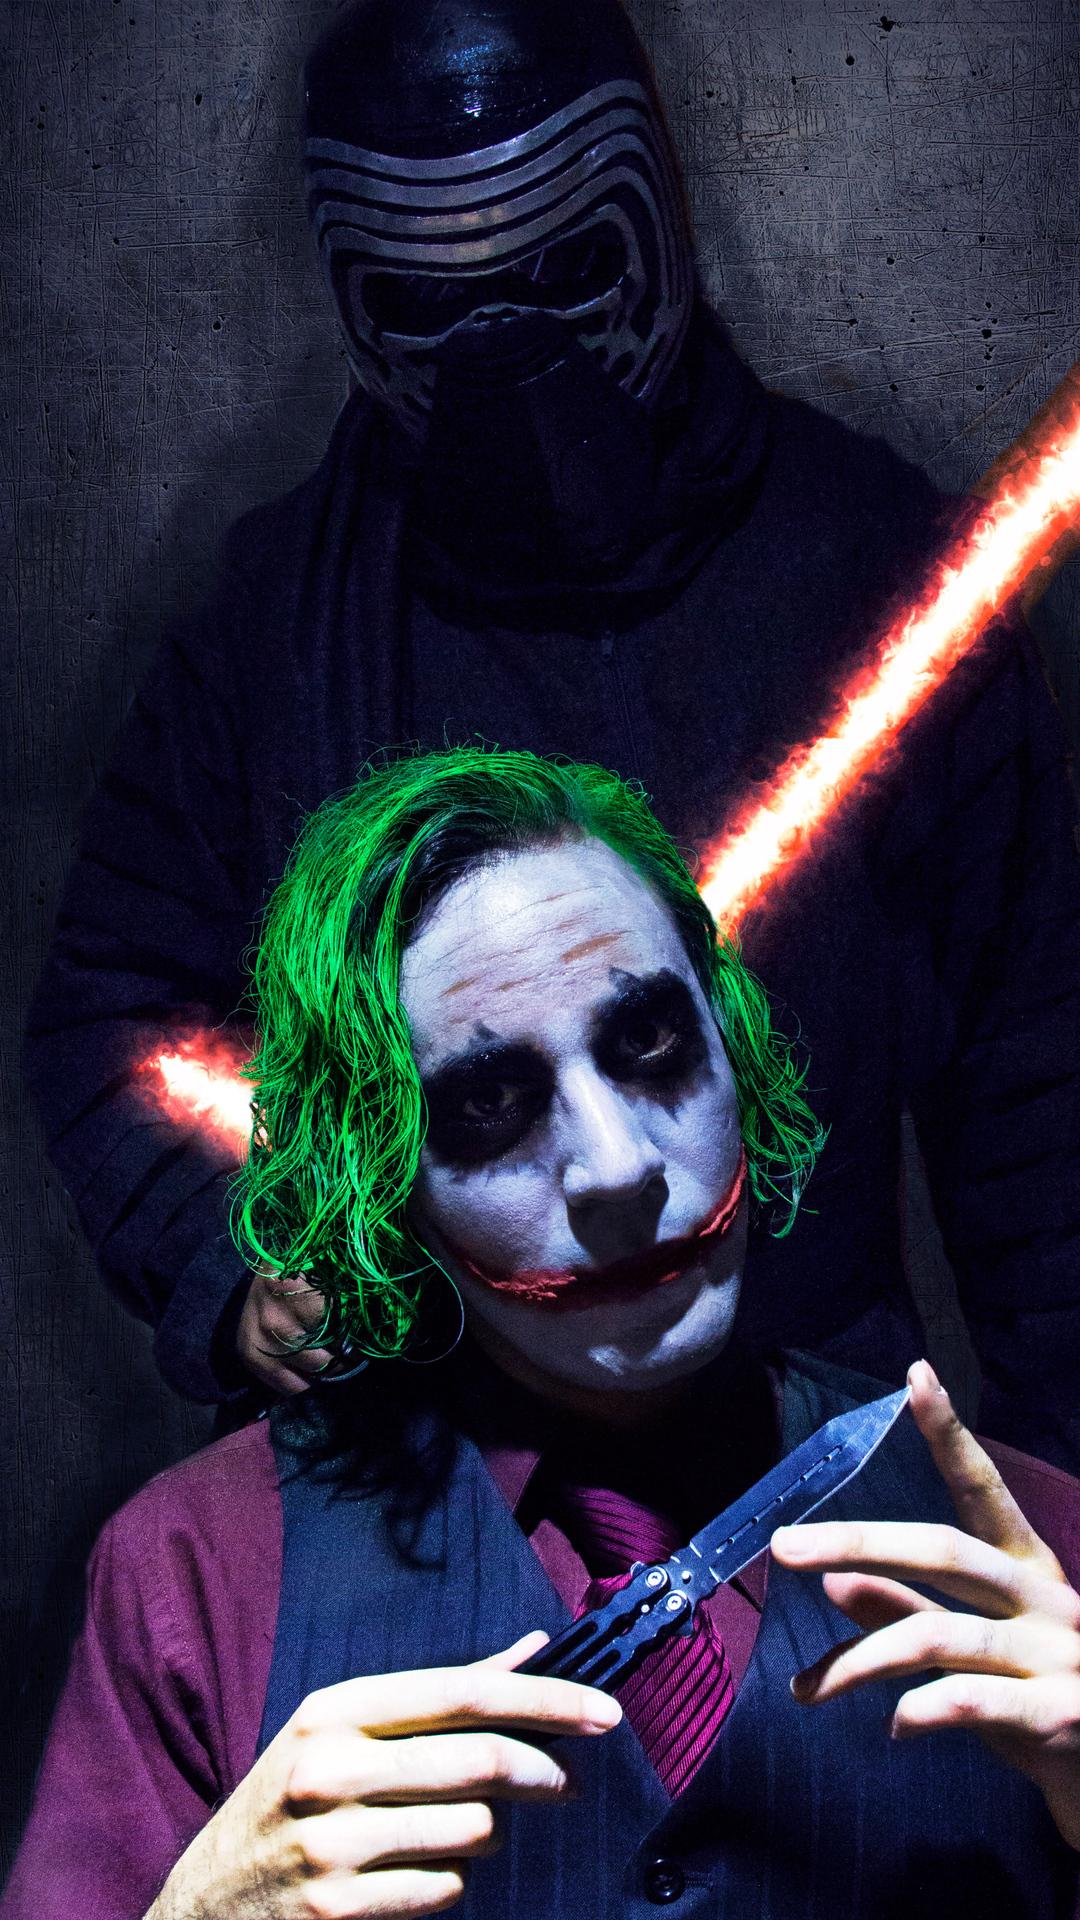 joker-cosplay-2019-j2.jpg